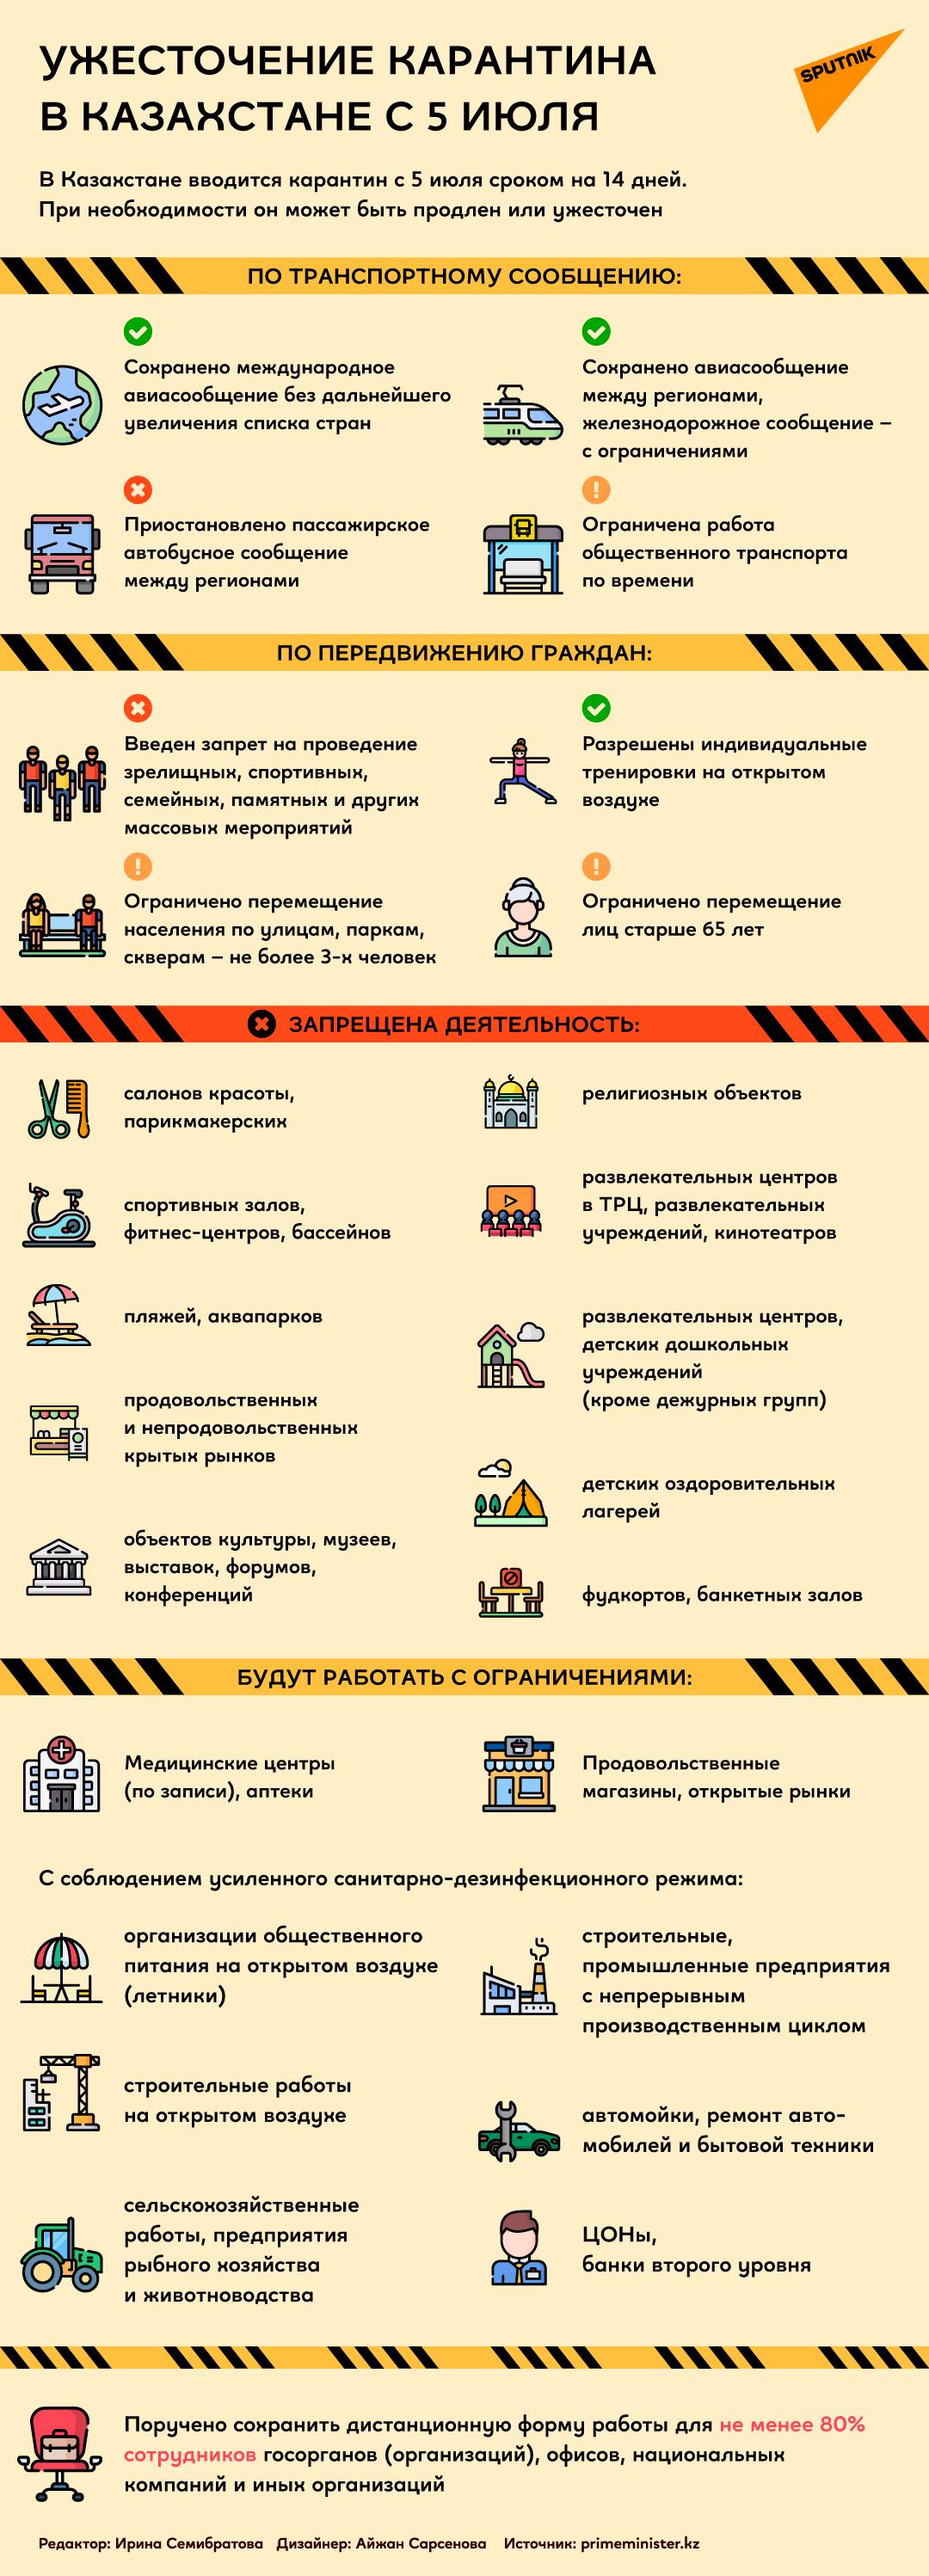 Инфографика по карантину с 5 июля